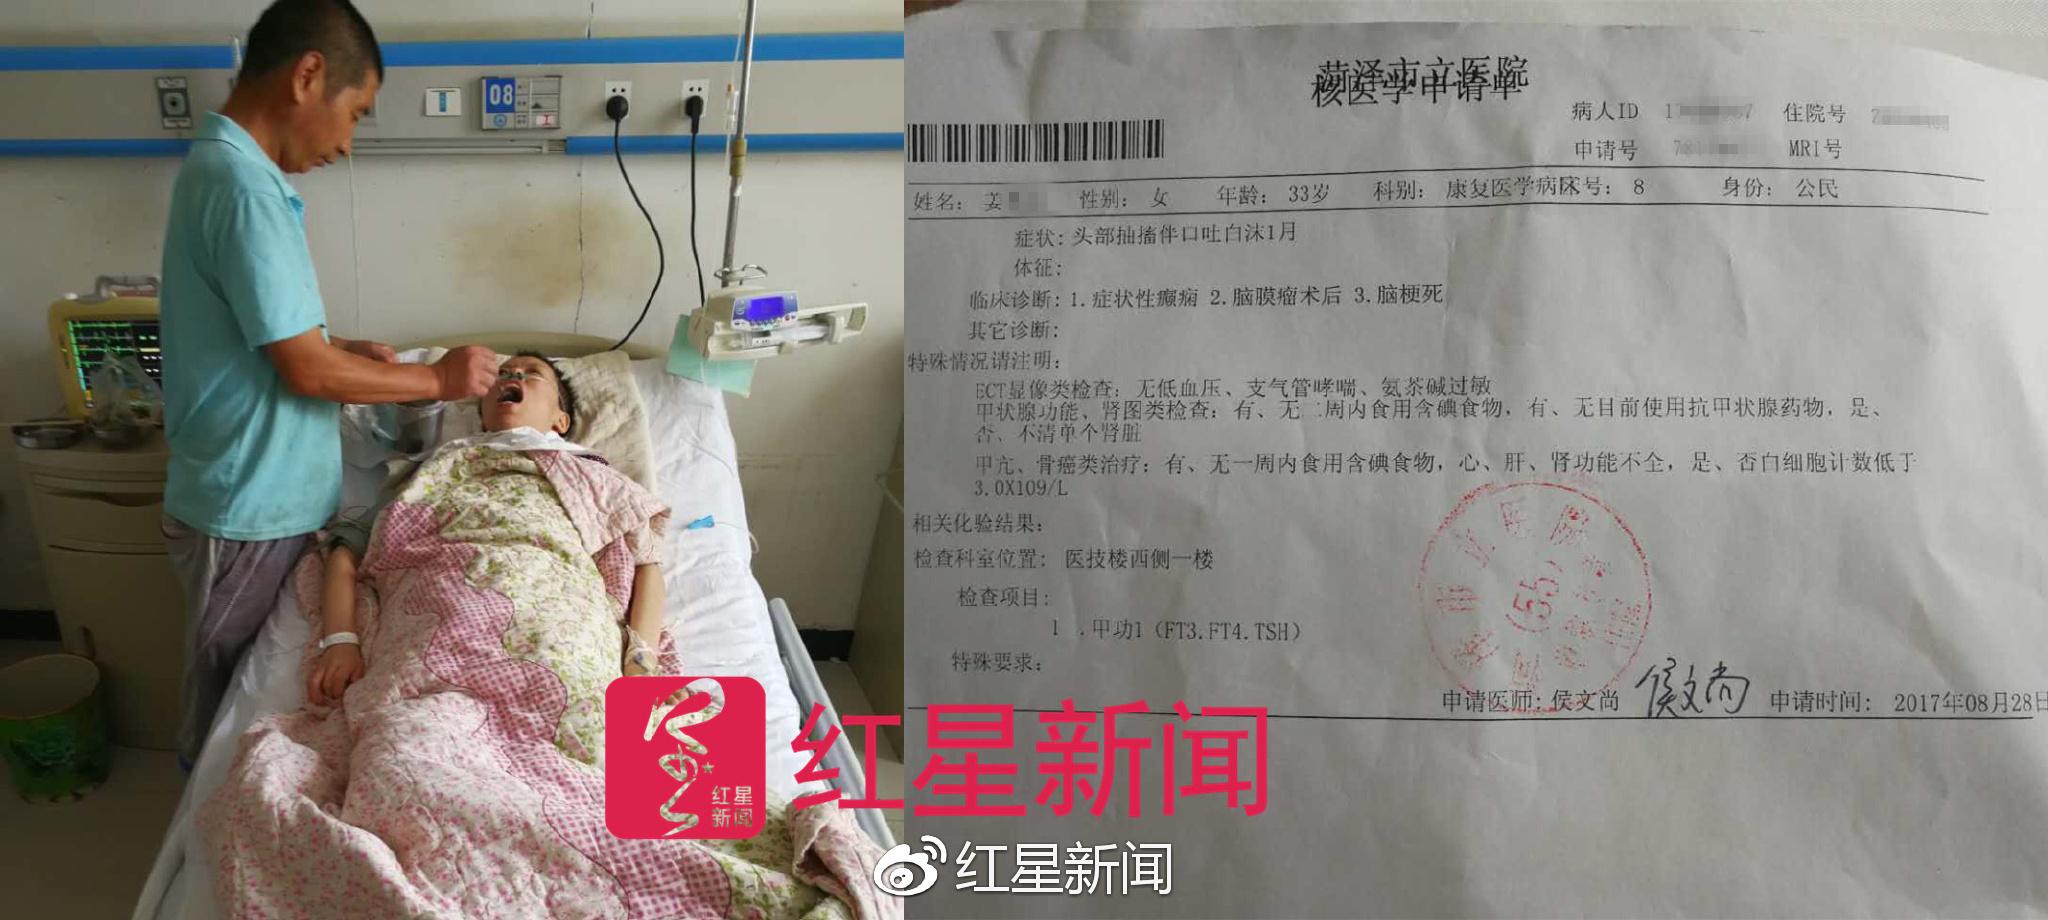 老人女儿被诊断患有症状性癫痫,脑梗死